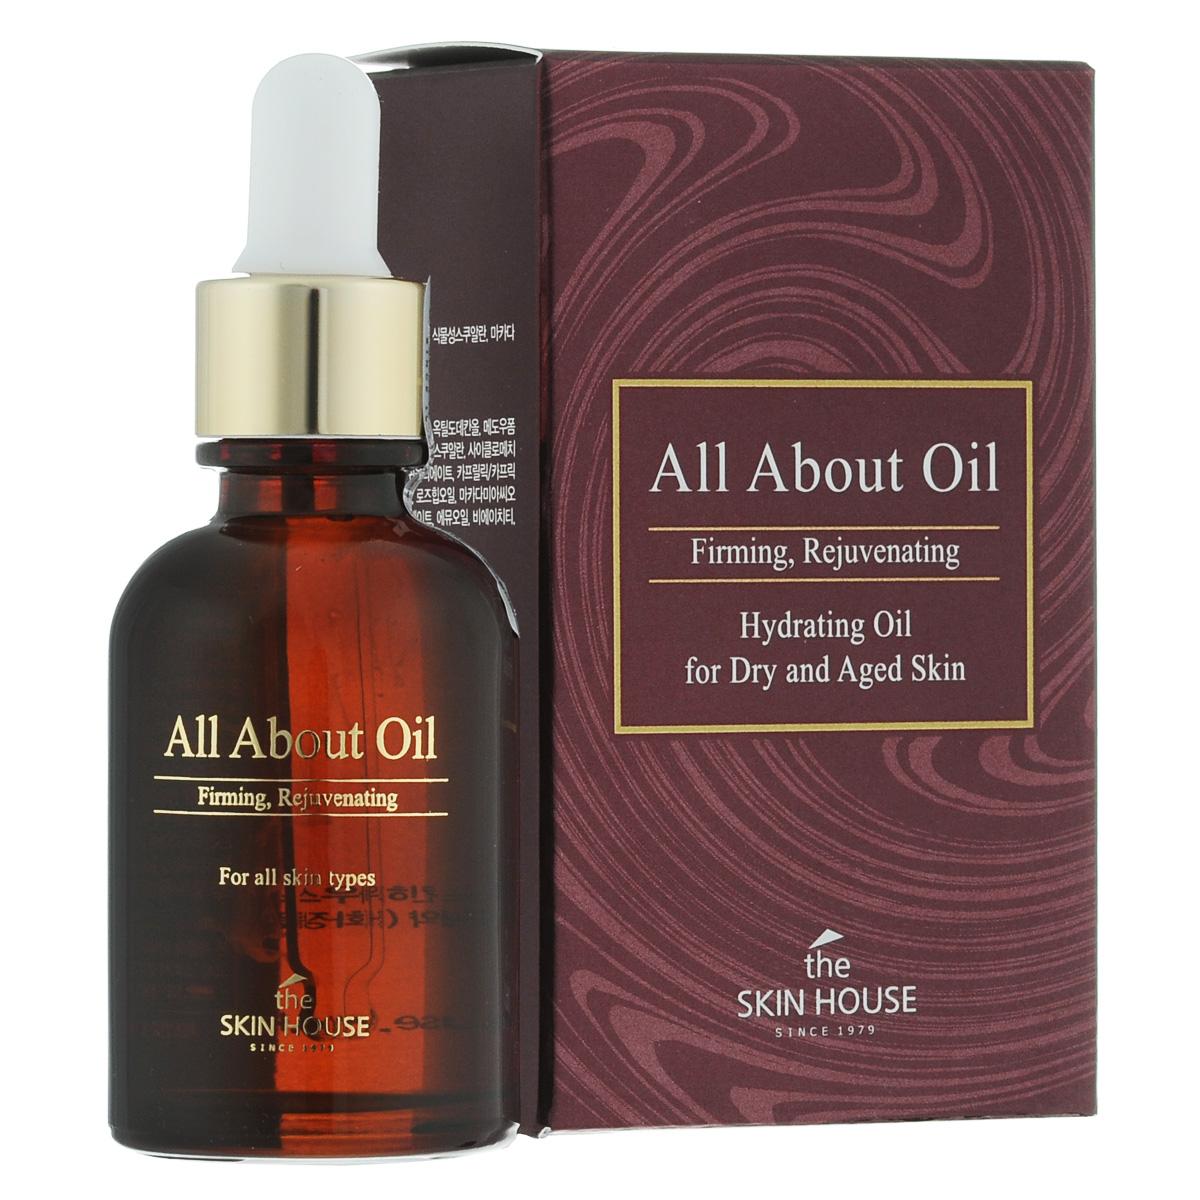 The Skin House Увлажняющее масло-сыворотка All about oil, 30 млFS-00897Масло интенсивно увлажняет, смягчает и создает на поверхности кожи естественную защитную пленку, которая помогает предотвратить обезвоживание и уменьшает вредное воздействие факторов окружающей среды. Делает кожу мягкой, яркой и бархатистой. Несколько видов высококонцентрированных масел обеспечивают глубокое увлажнение, питание и быструю впитываемость без жирного блеска. Масло может использоваться самостоятельно и смешиваться с другими средствами.